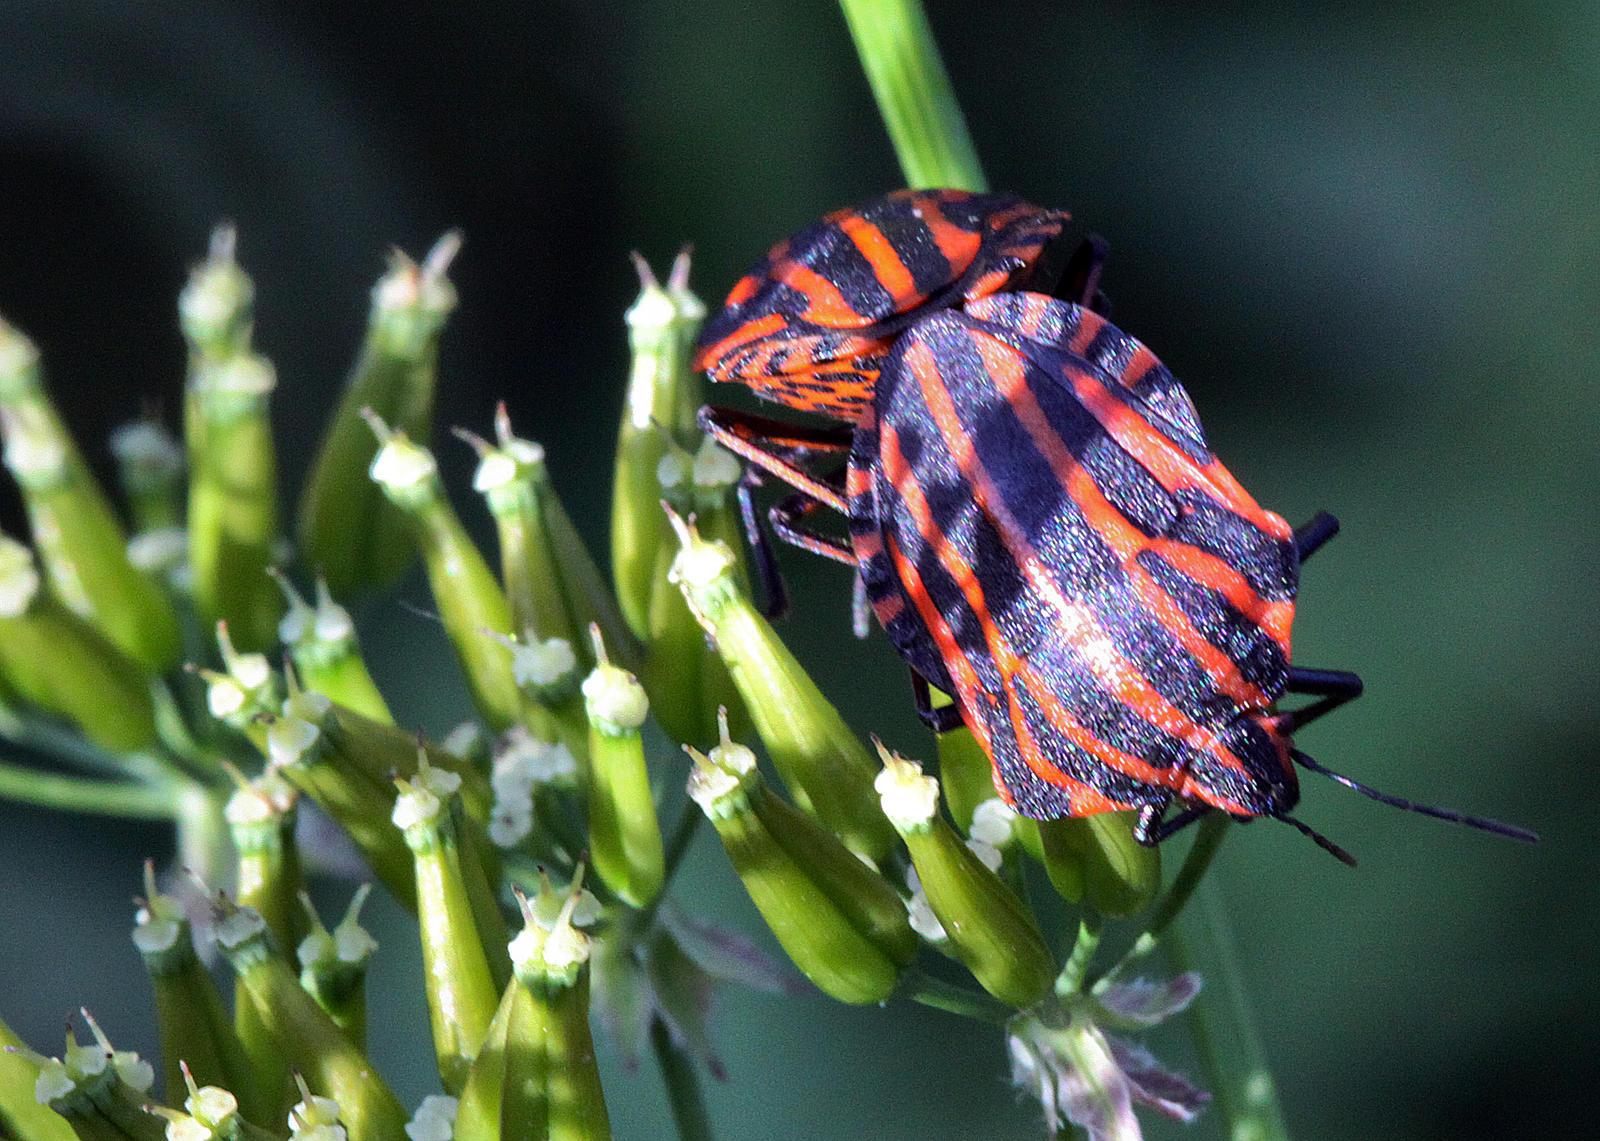 vabzdžių ant varpos 13 cm nario nuotrauka